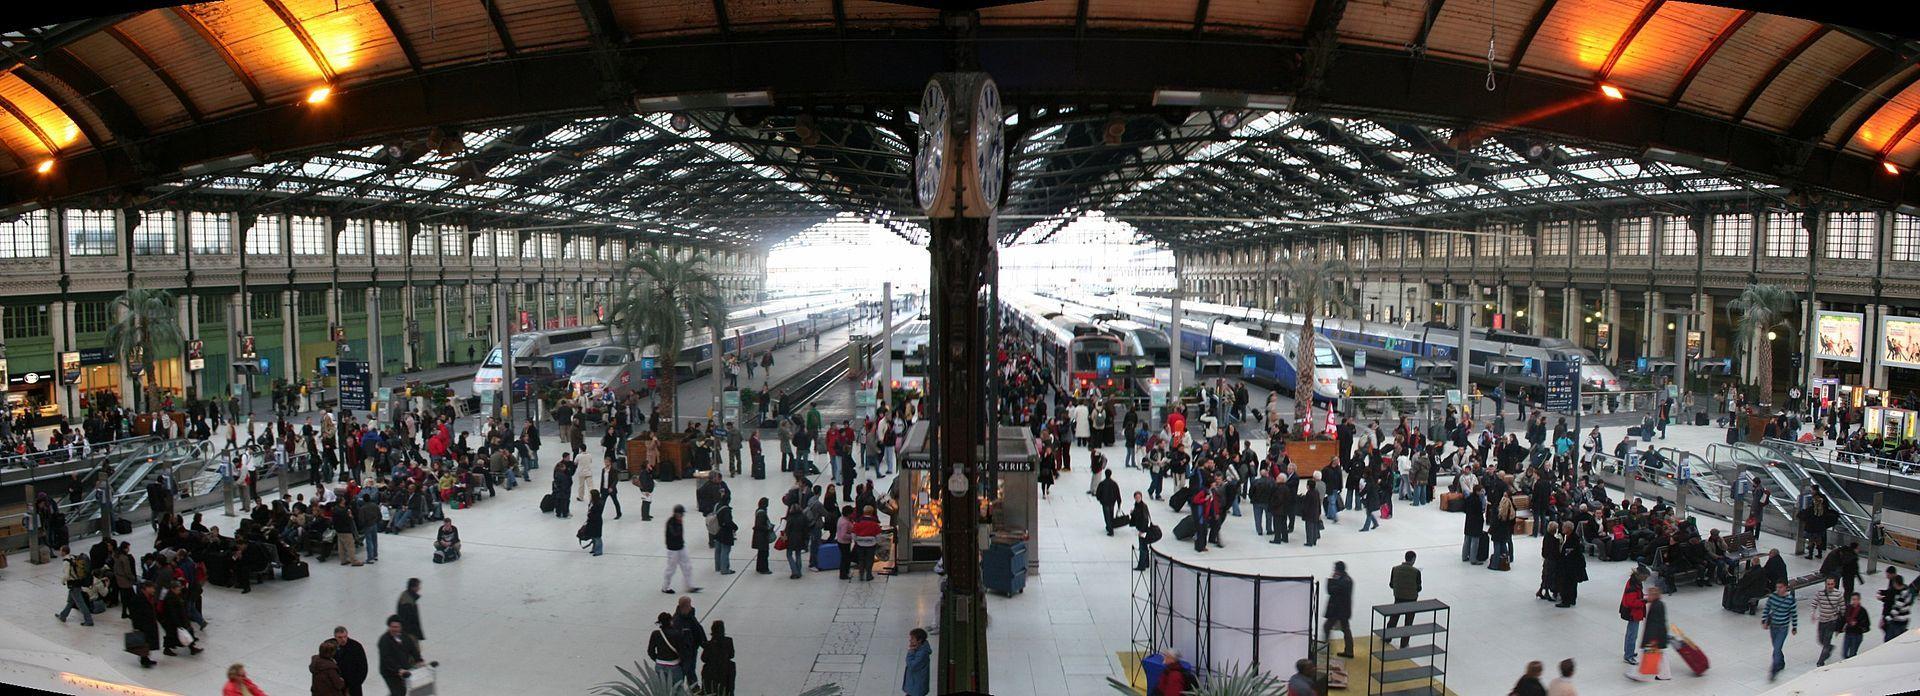 パリのリヨン駅の内部